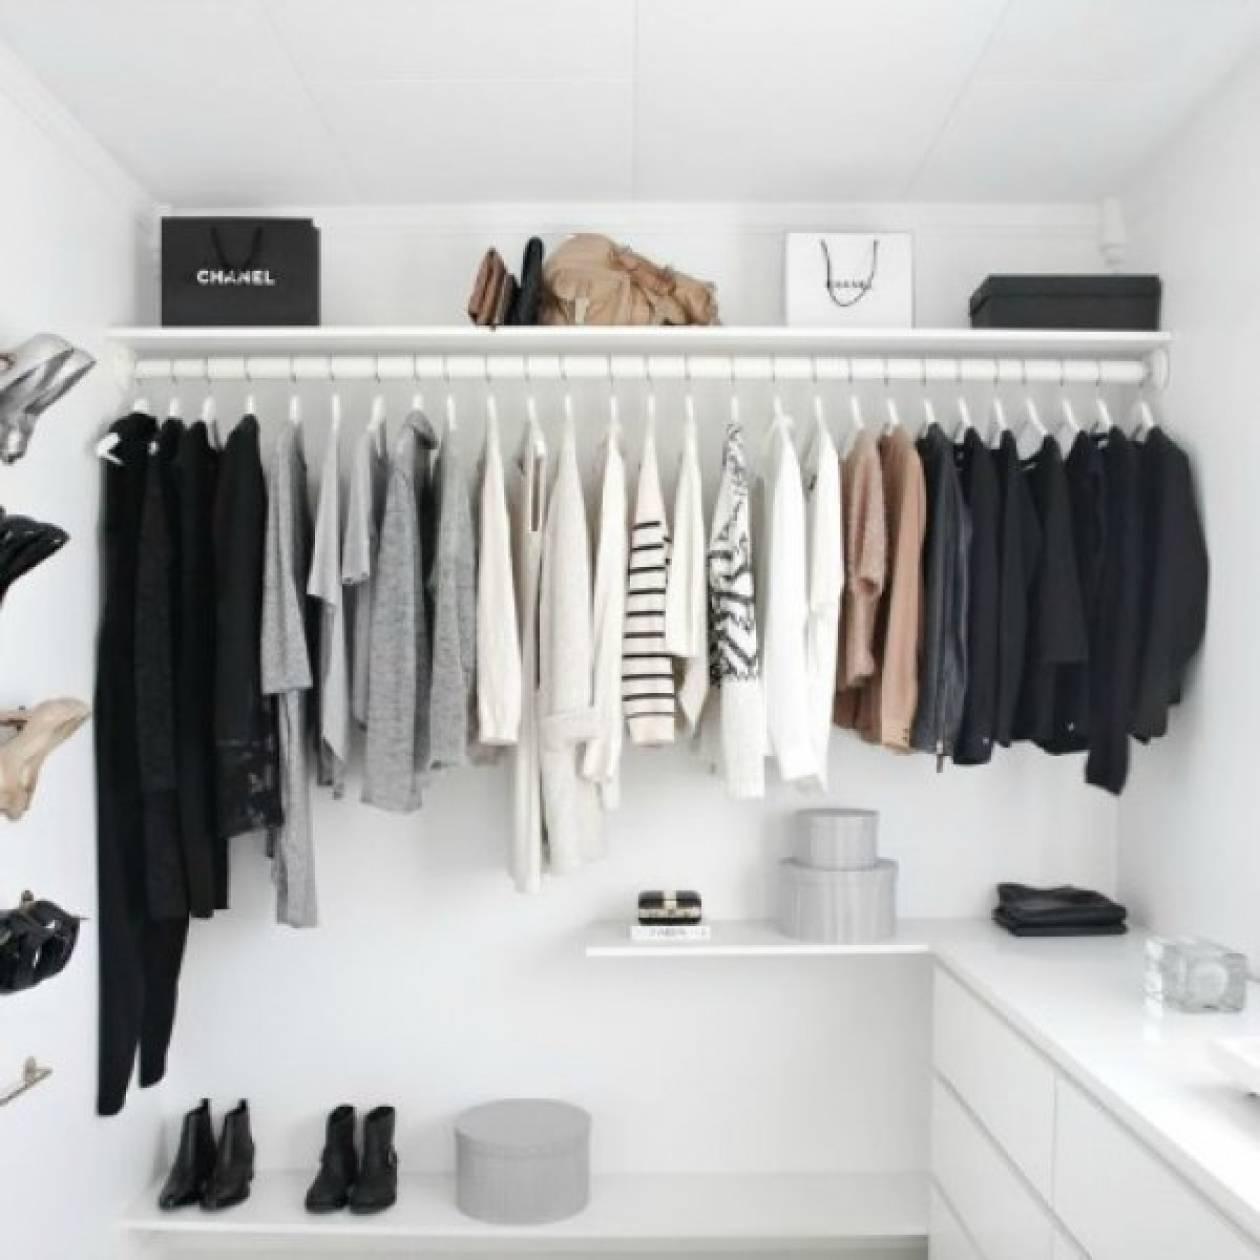 Η λύση για να φαίνονται τα ρούχα σου άψογα χωρίς κόπο!